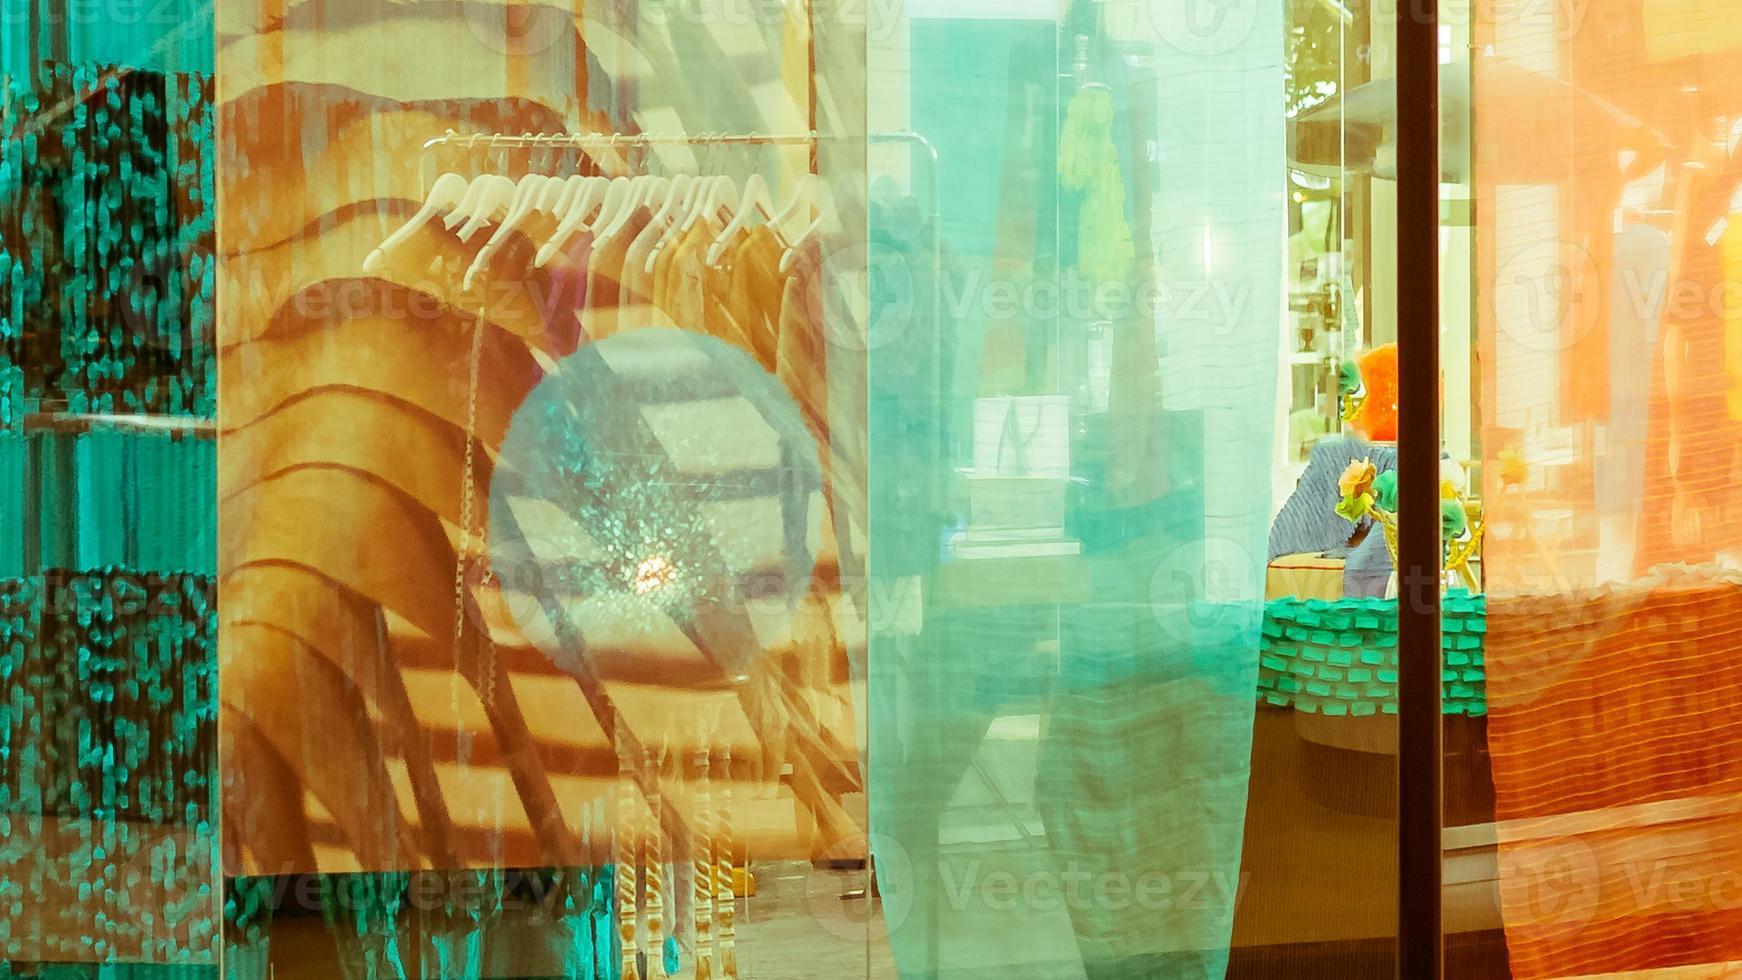 double exposition, reflet miroir du magasin de vêtements photo